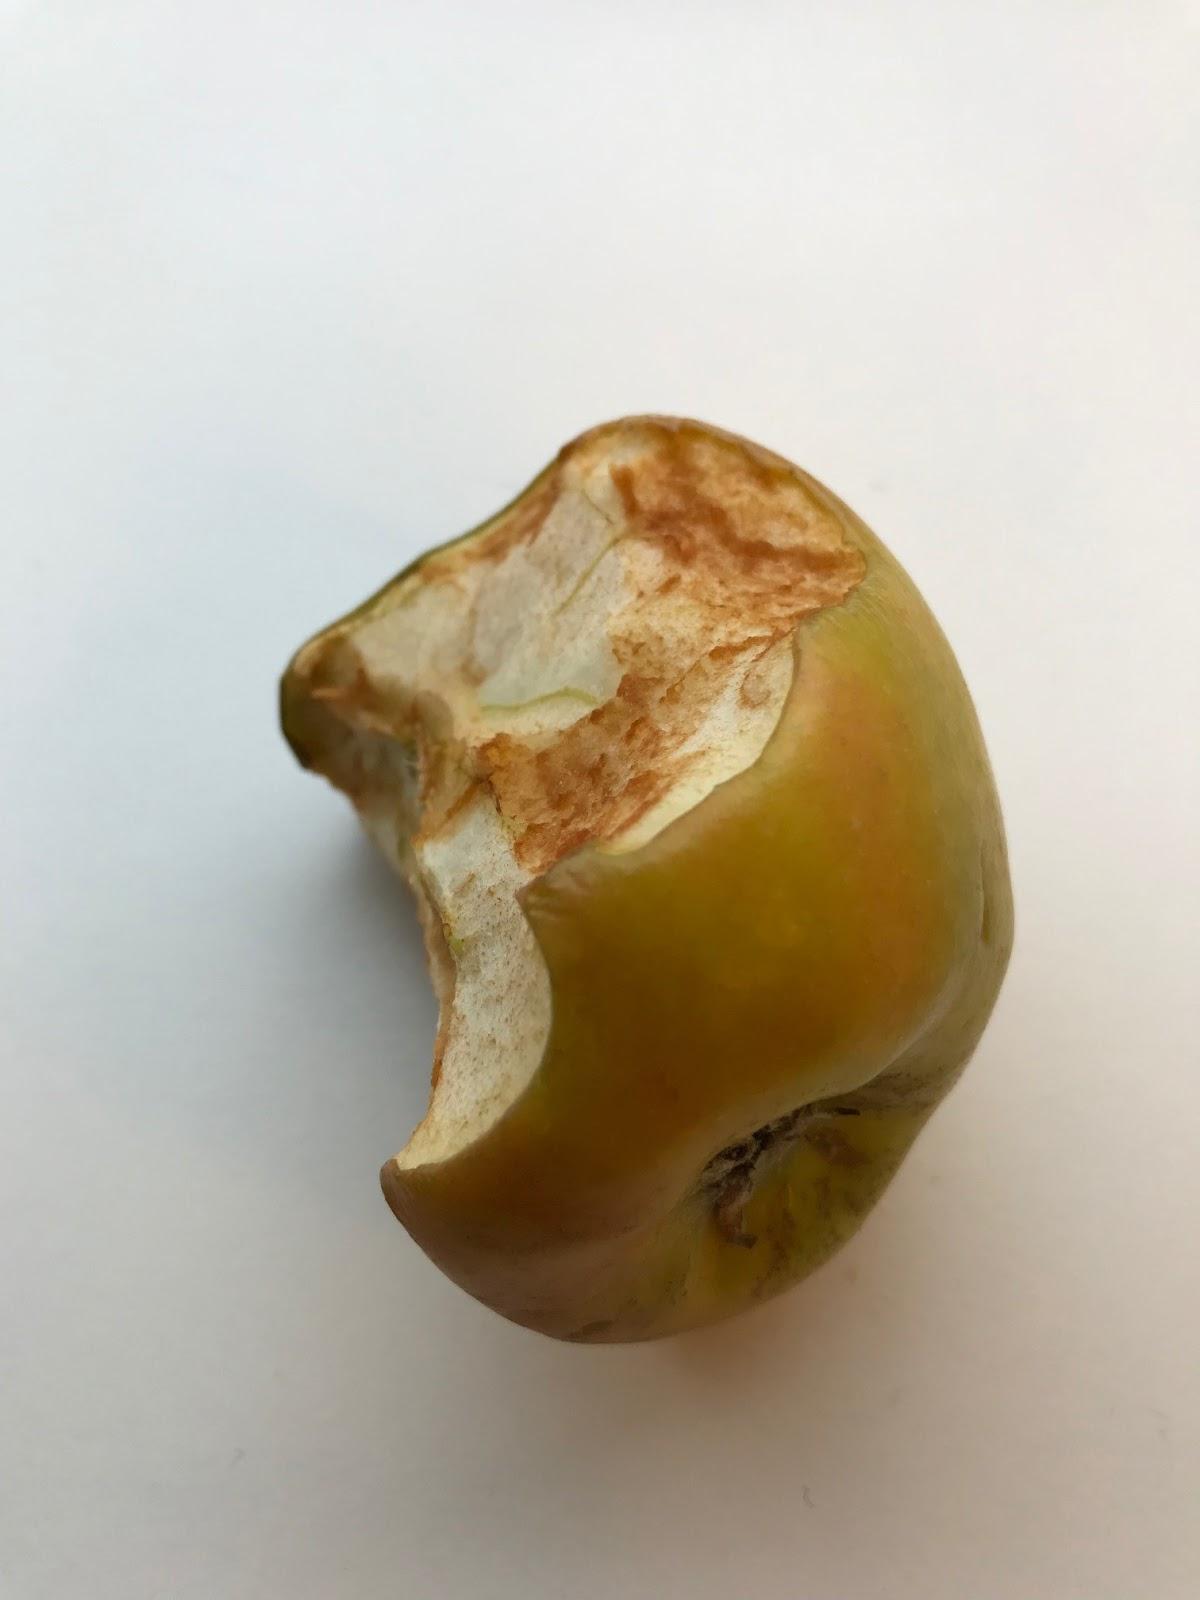 81d4e77f4df5 Kamelen står for sin del af affaldssorteringen. Hun bortskaffer alle  æbleskrog og gulerodsstumper.